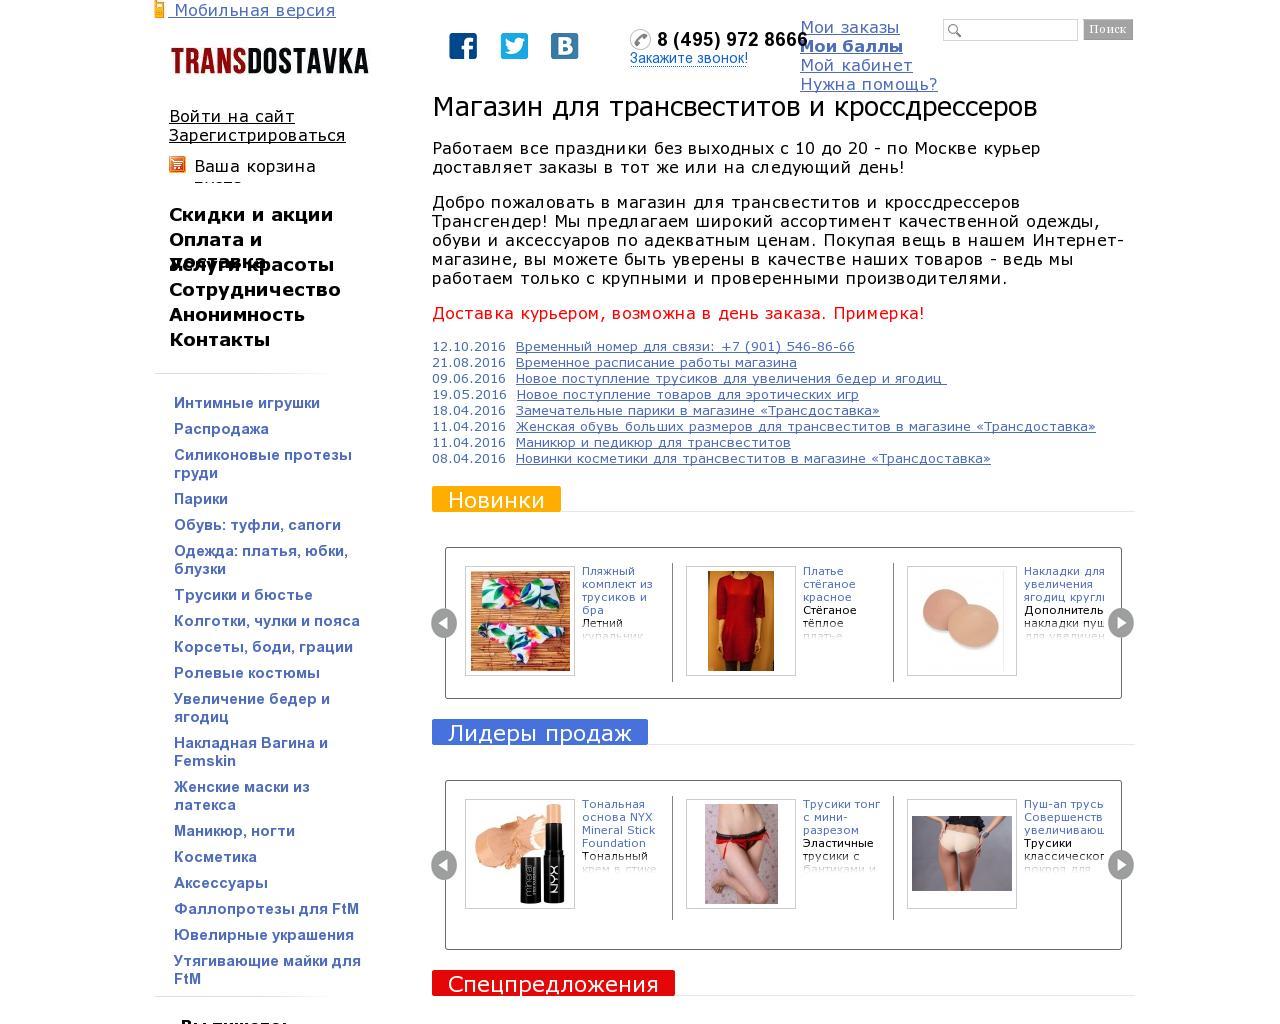 internet-magazin-dlya-transvestitov-transseksualov-krossdresserov